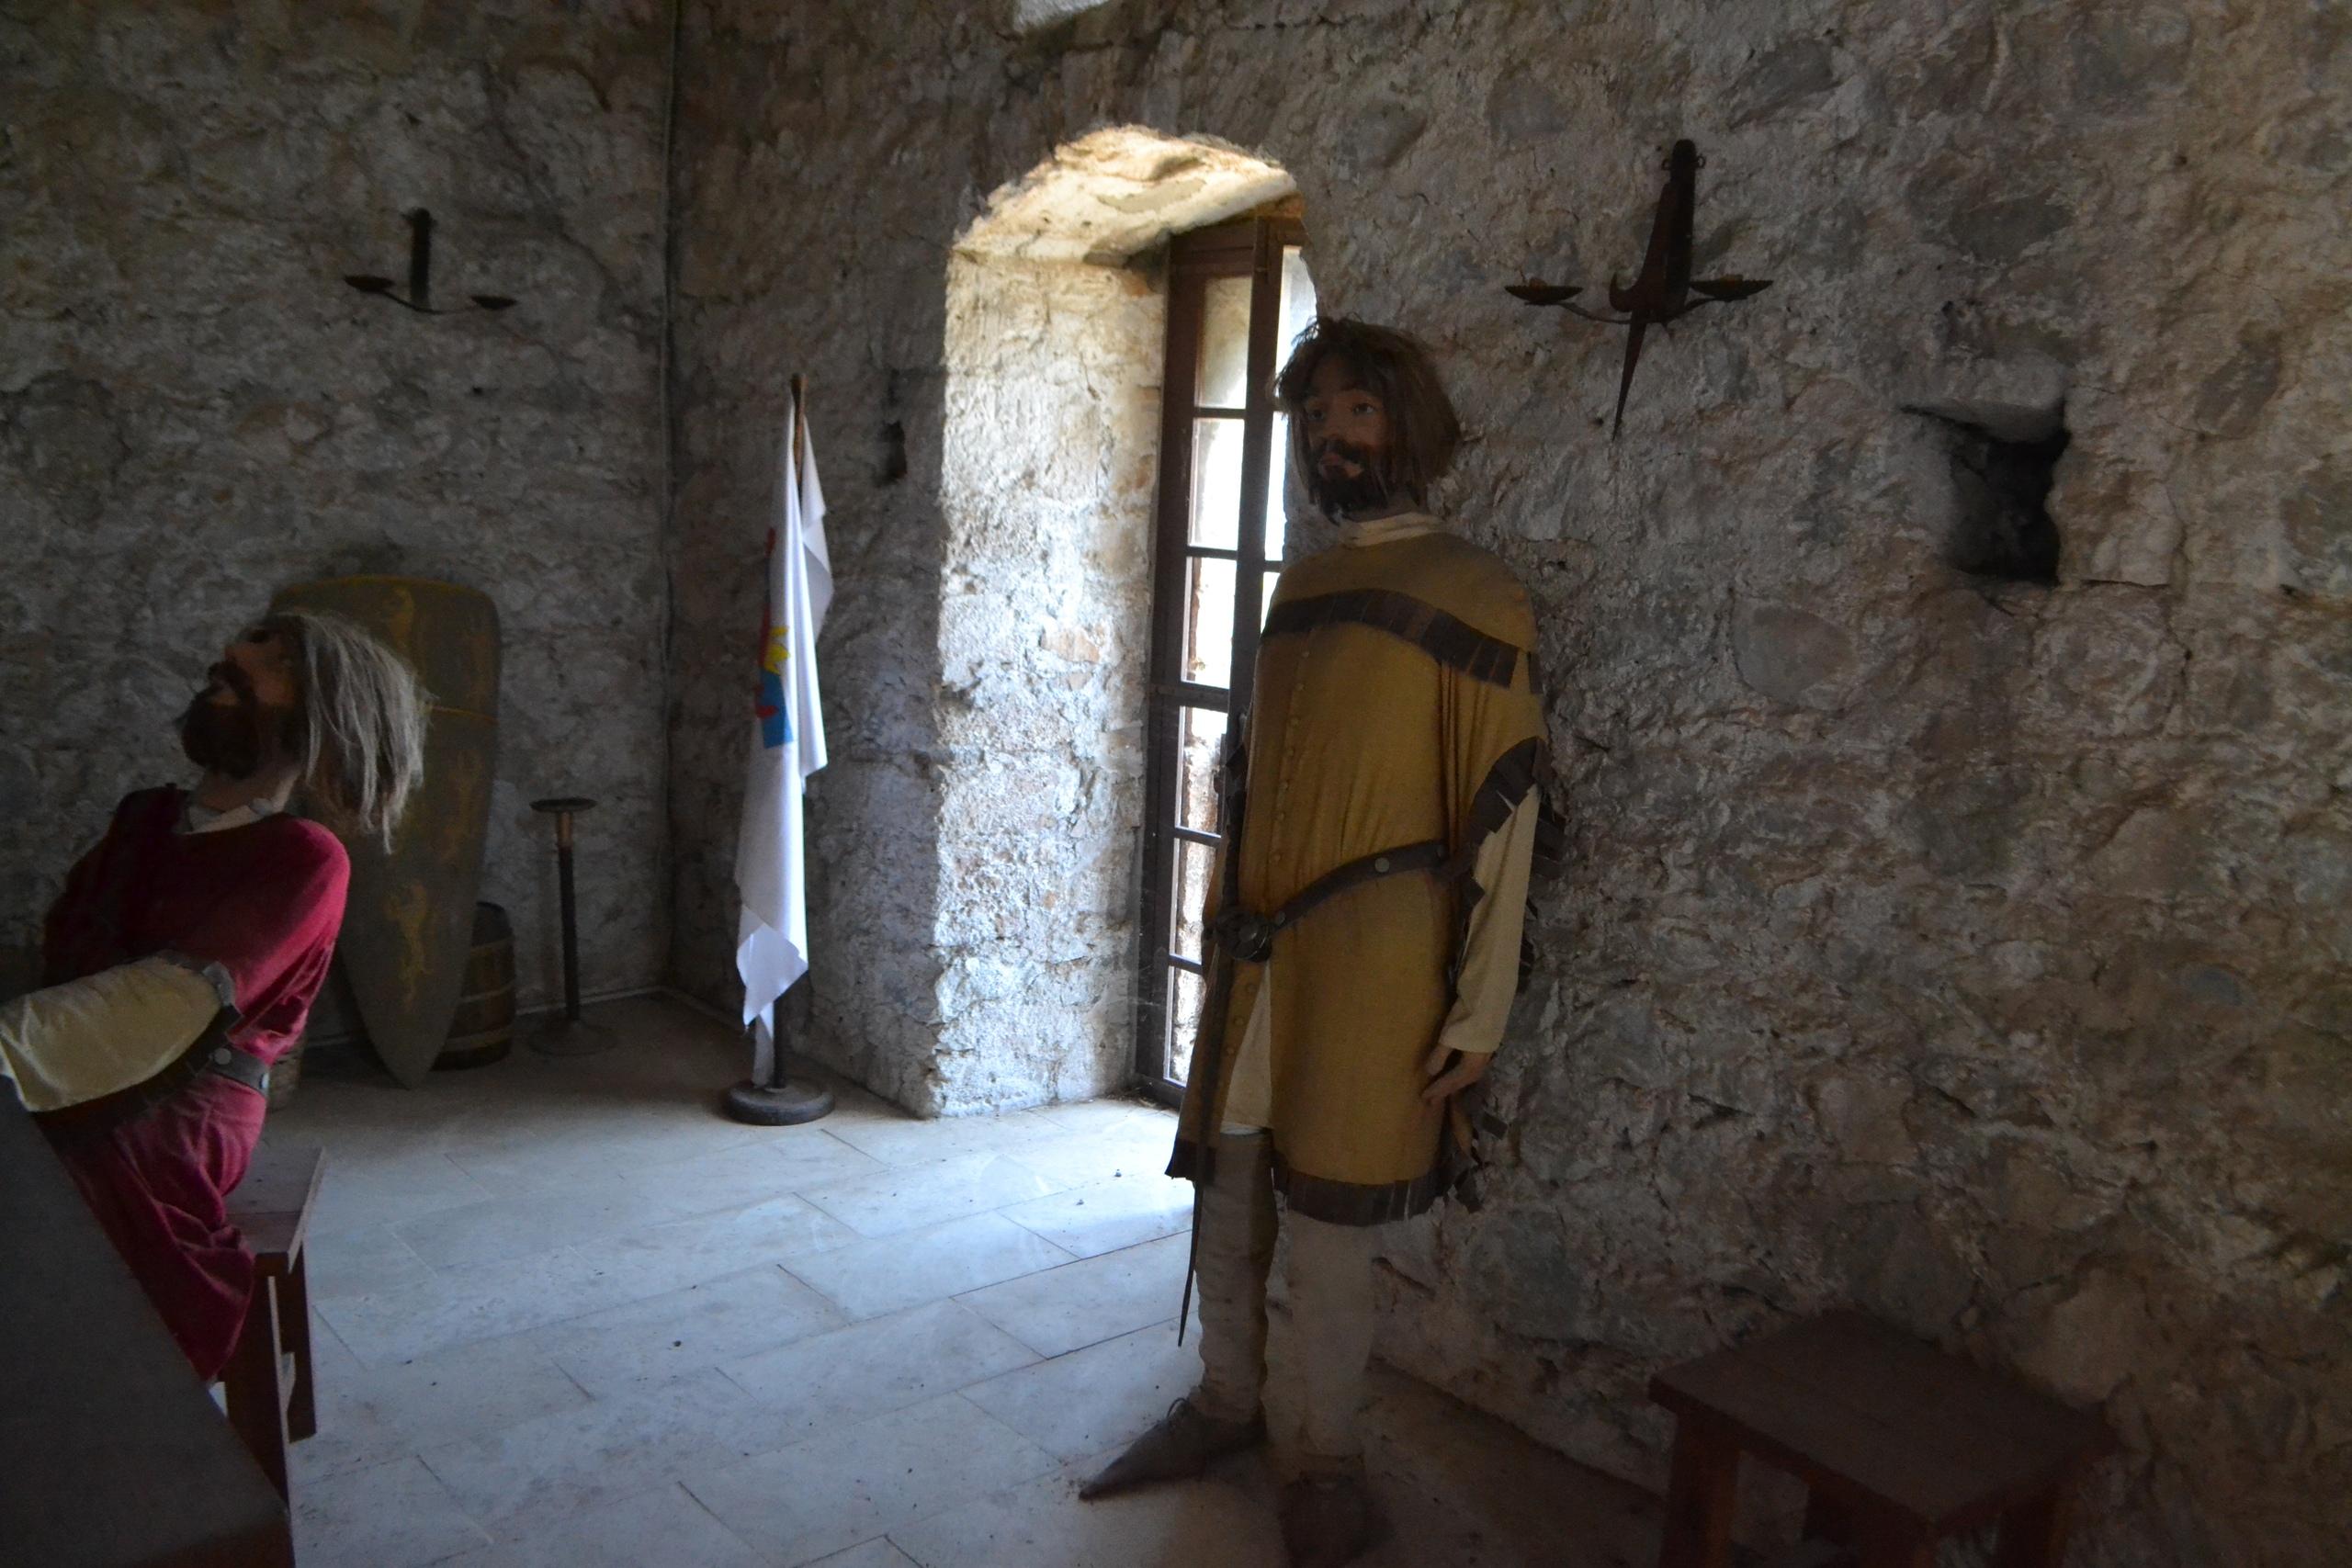 Северный Кипр. Замок Святого Иллариона. (фото). - Страница 2 RlAKCXV81Ds